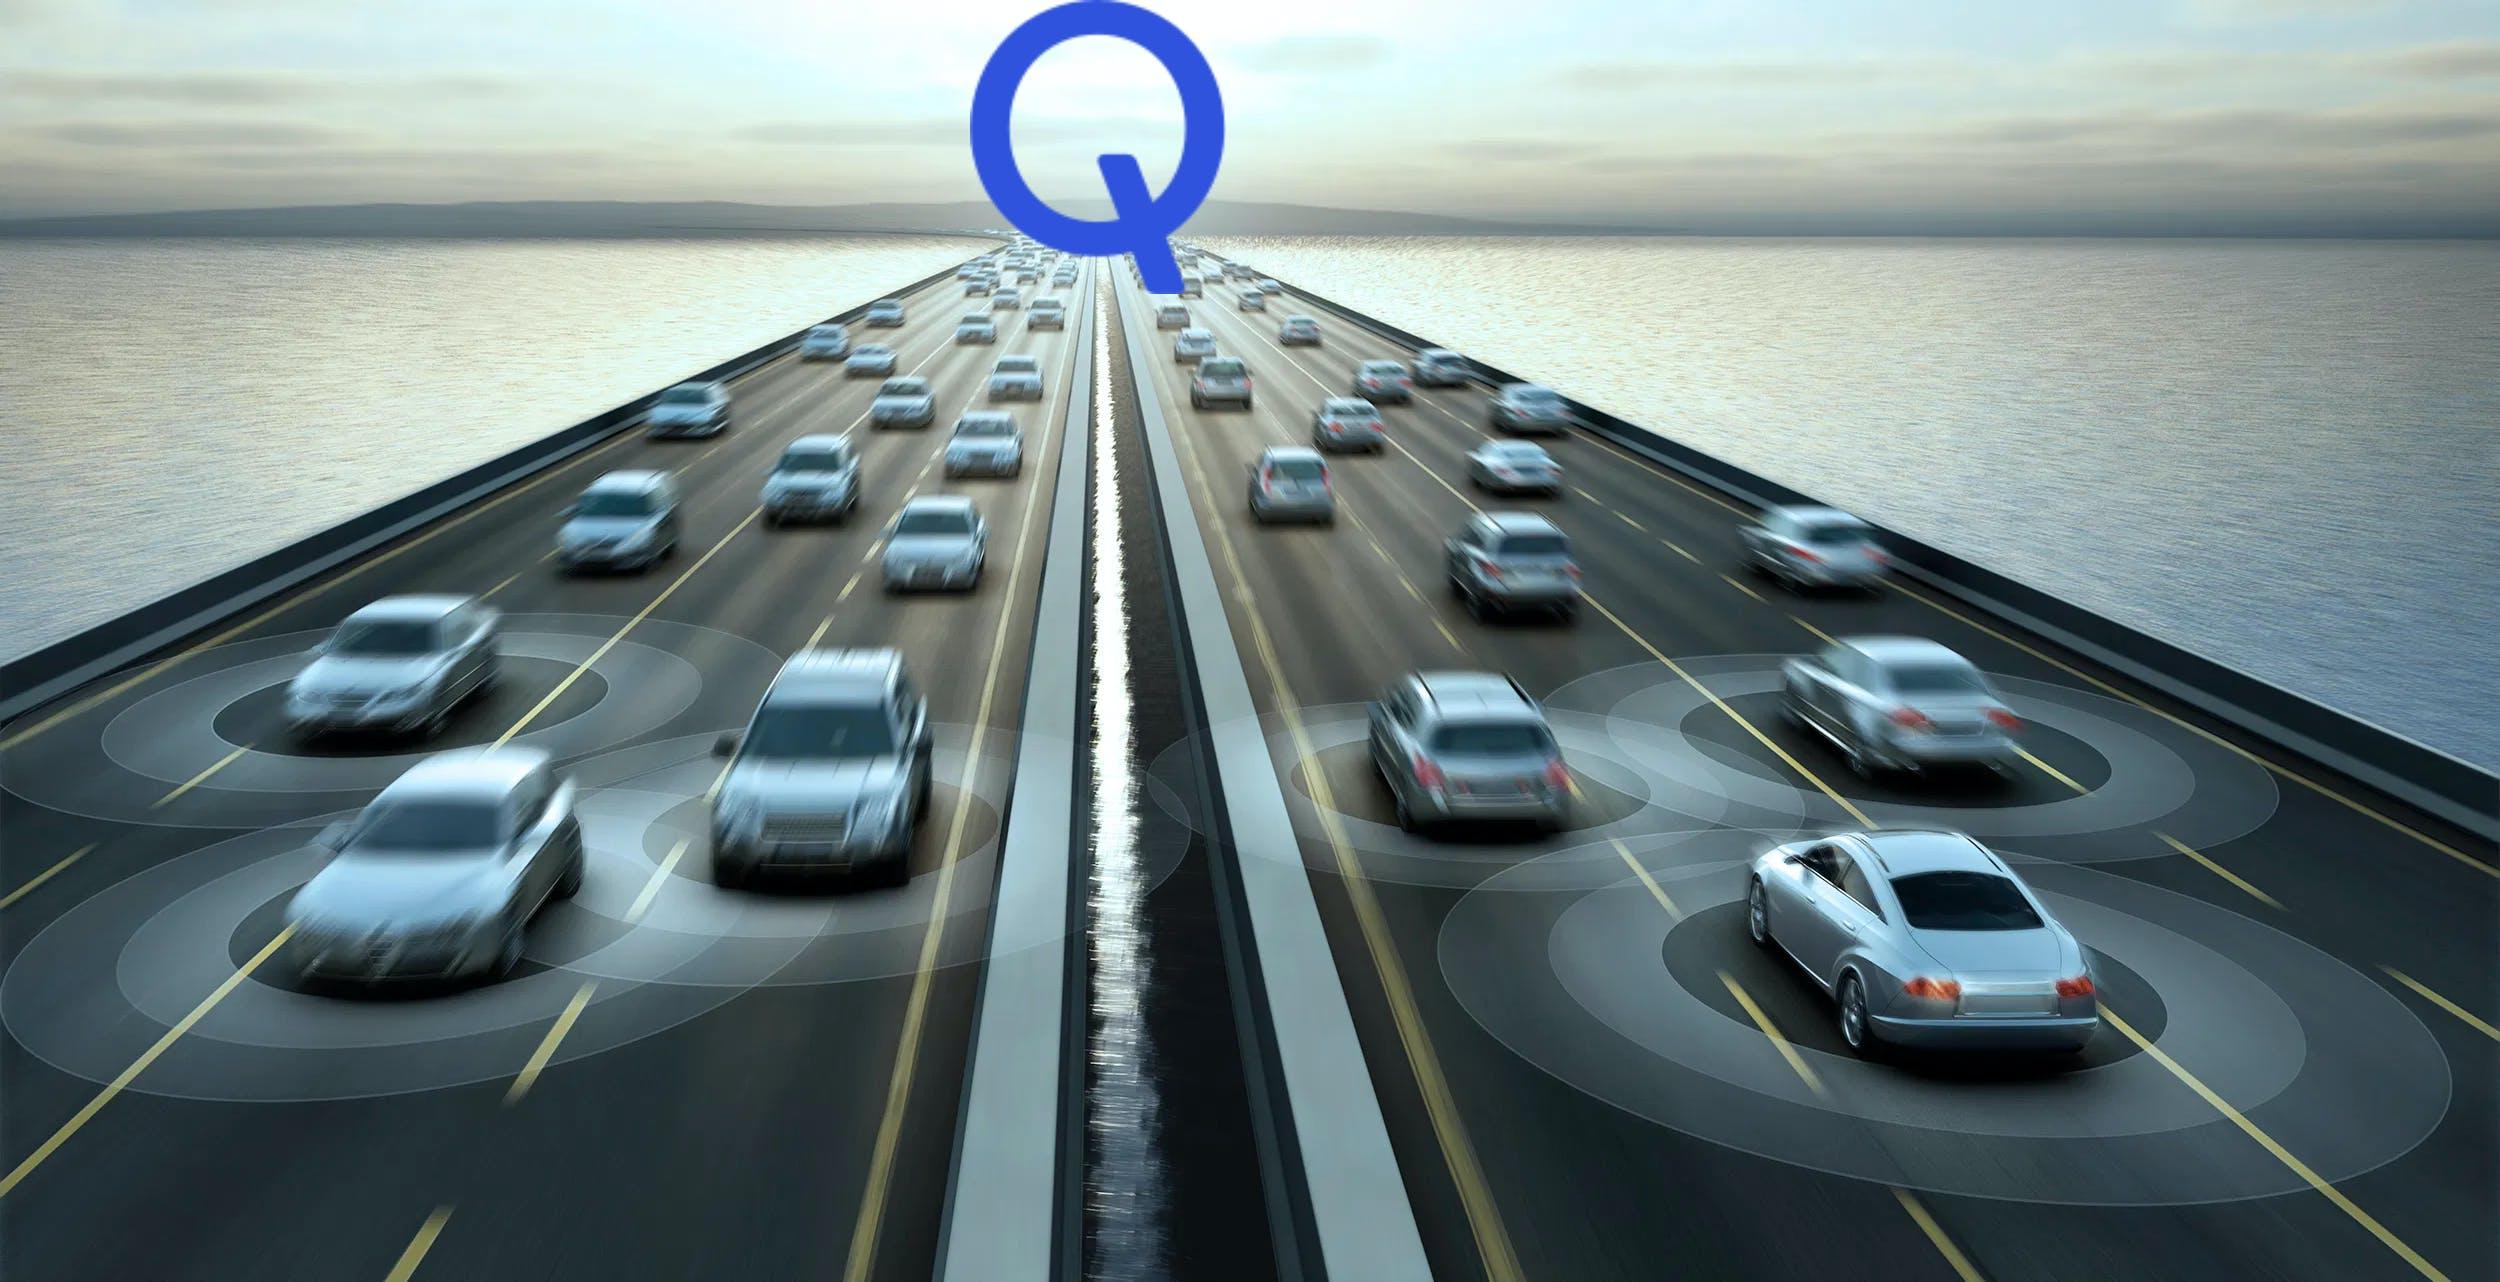 Il predominio di Qualcomm nei brevetti sul 5G spaventa i produttori di auto